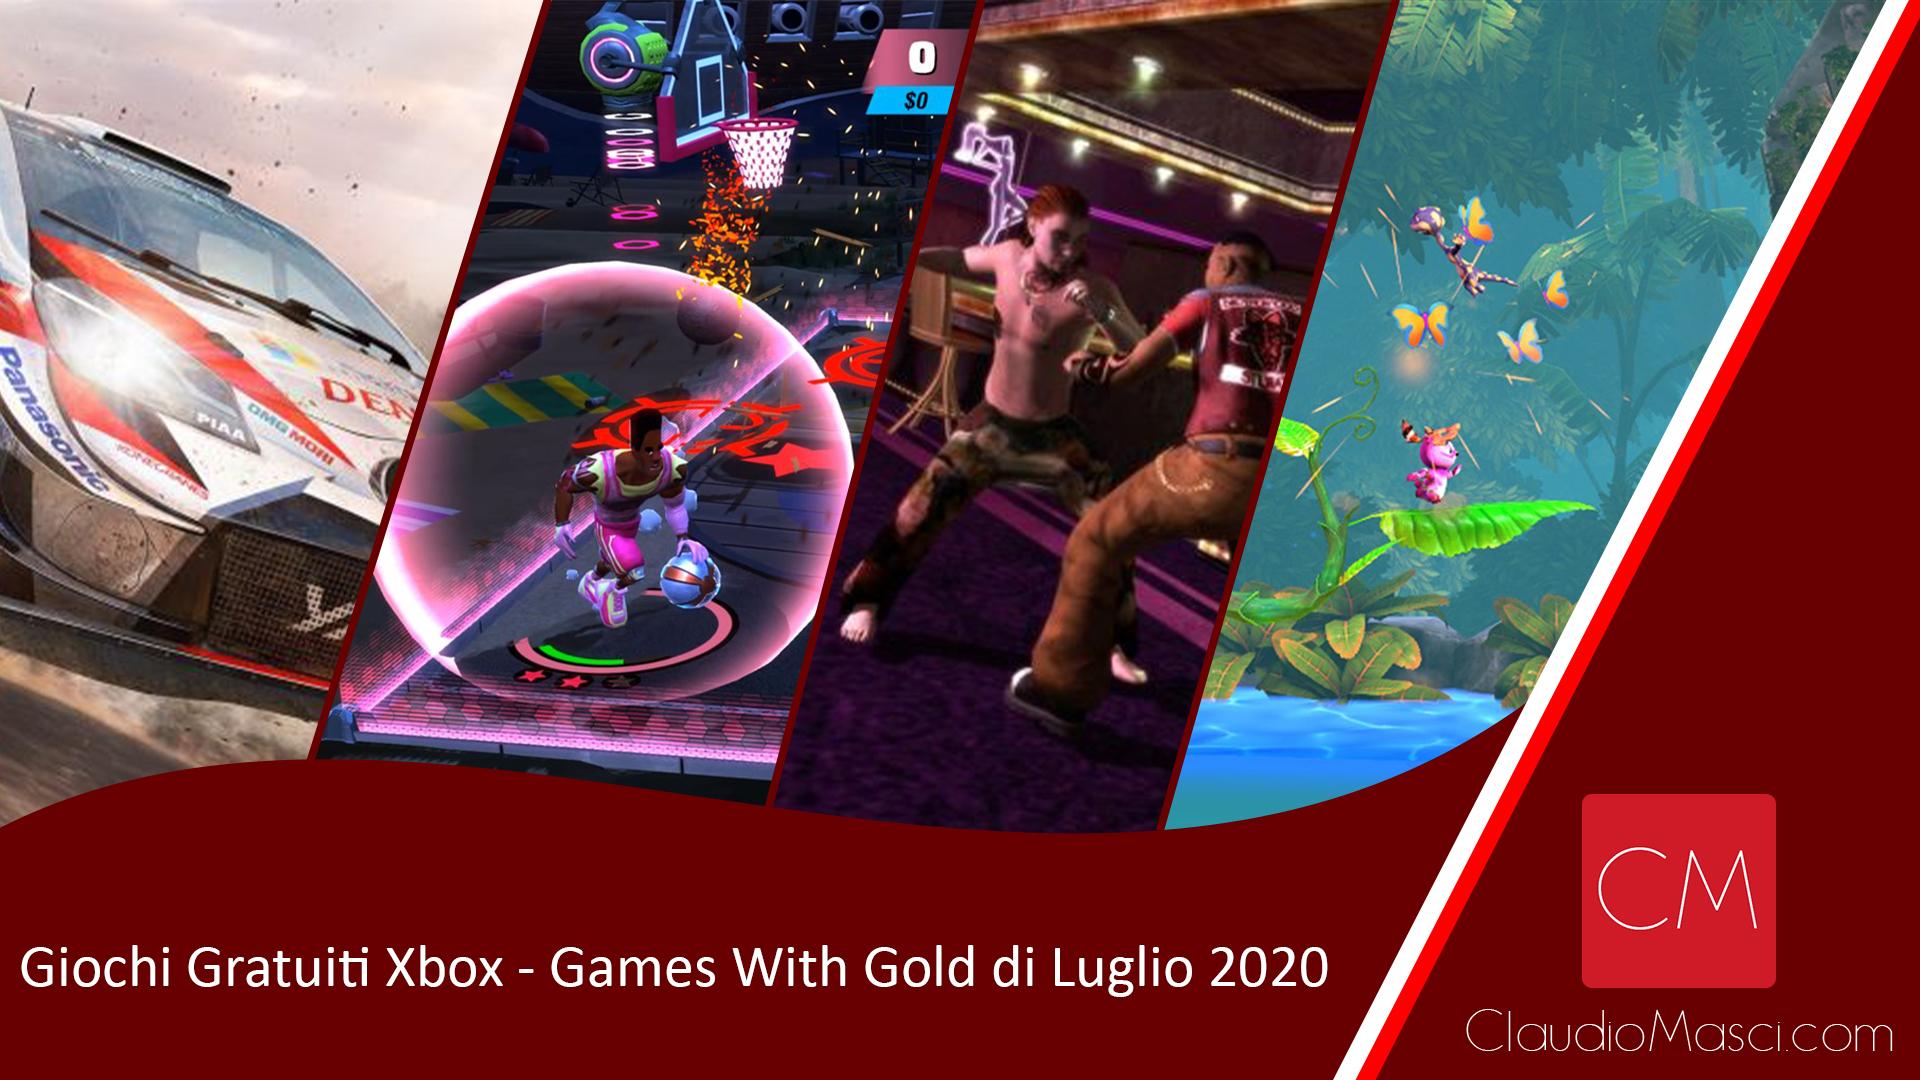 Giochi gratuiti Games With Gold Luglio 2020